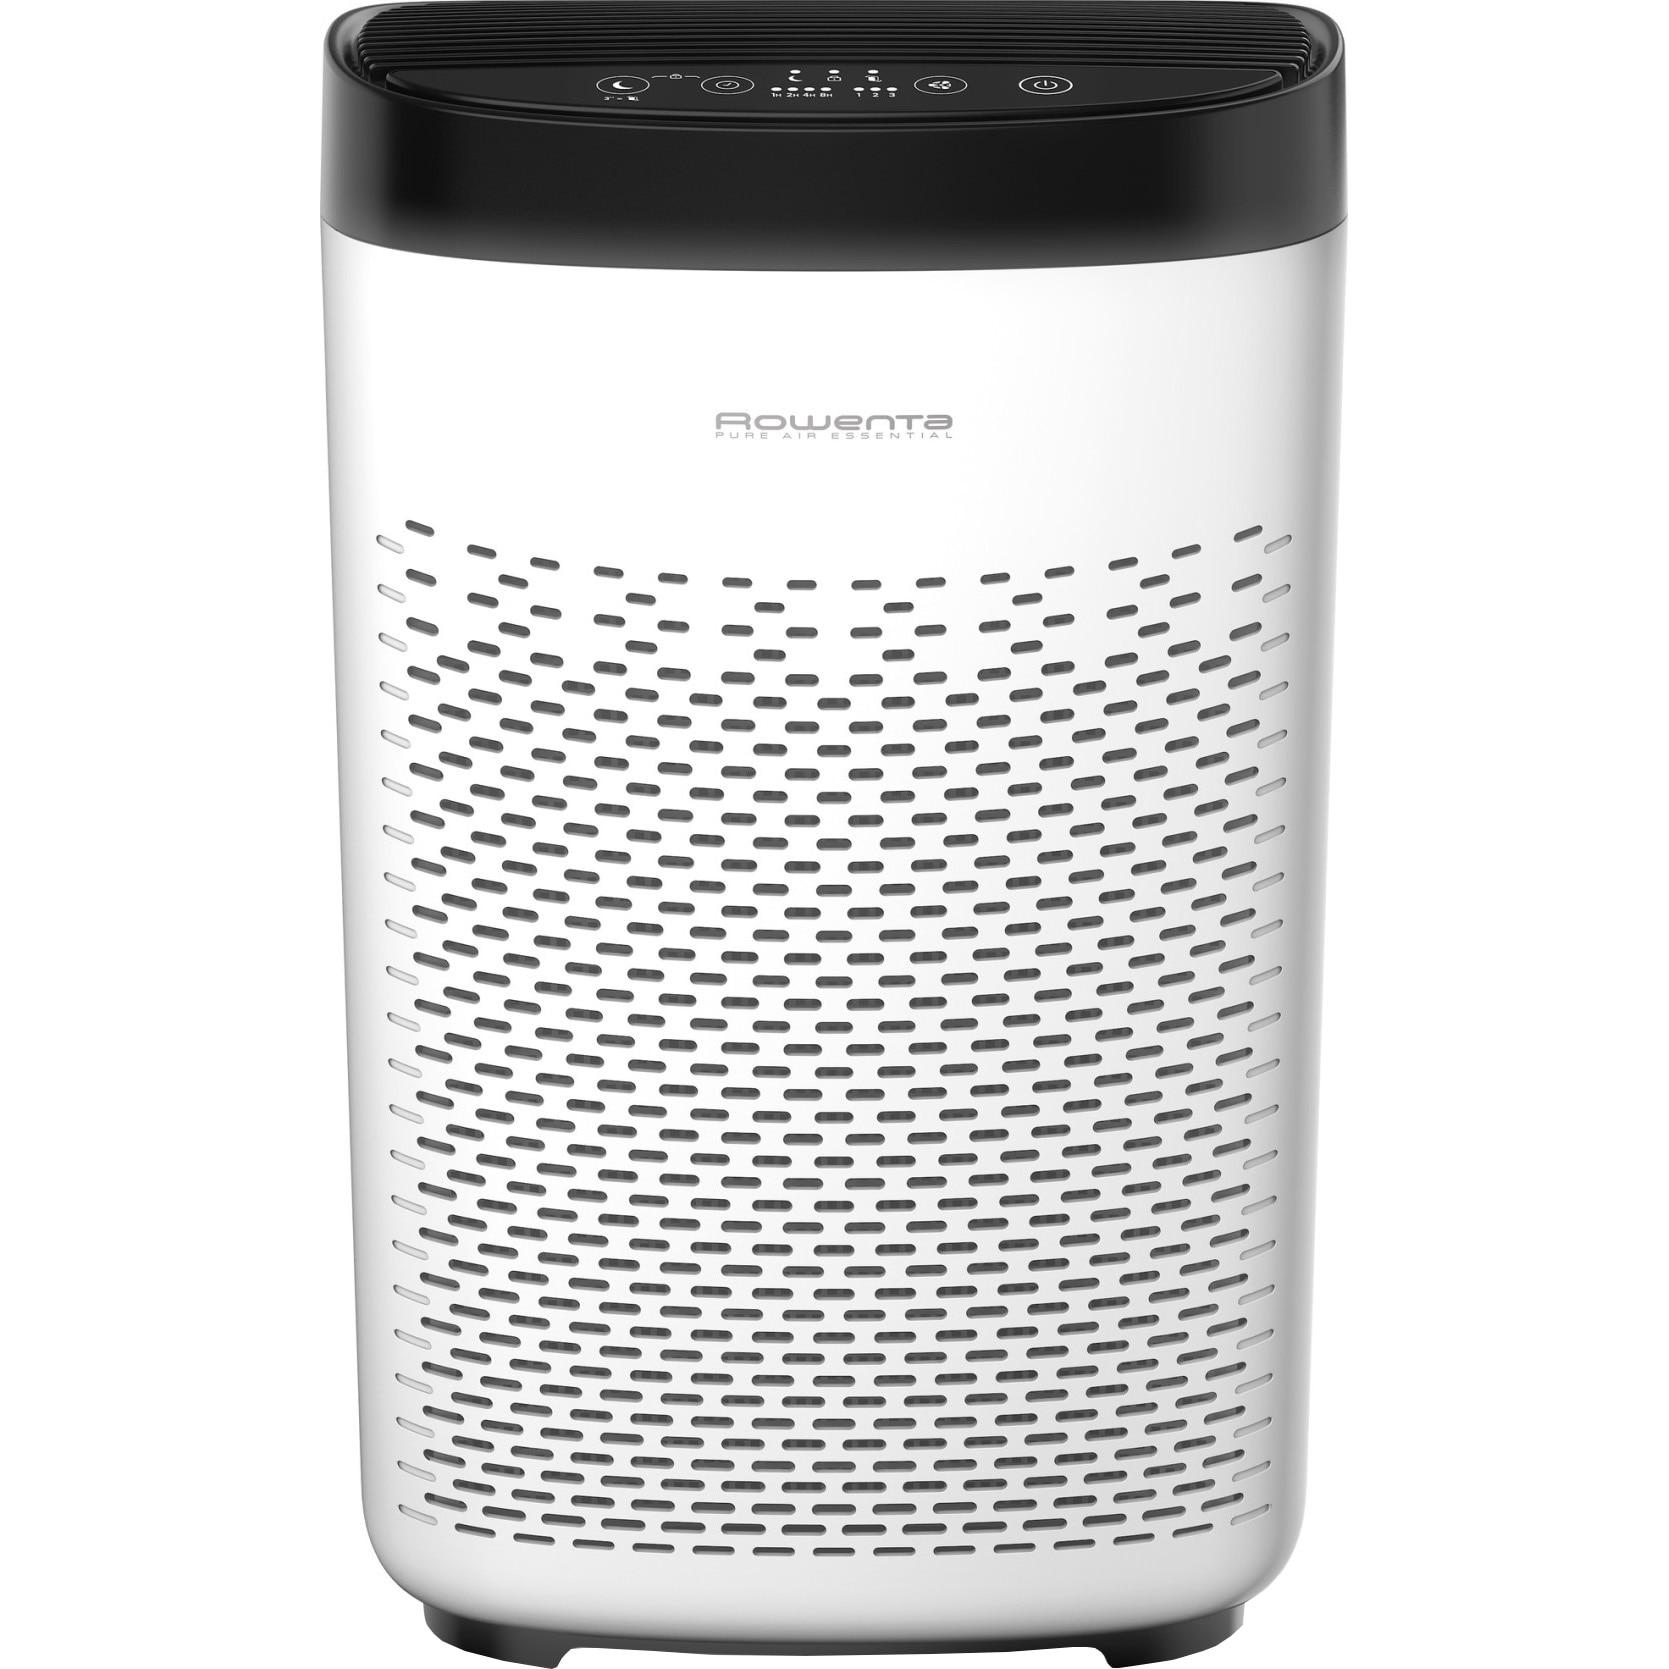 Fotografie Purificator Rowenta PU2530F0 PURE AIR Essentials, capacitate filtrare 230m3/h, 3 niveluri de filtrare, alb/negru